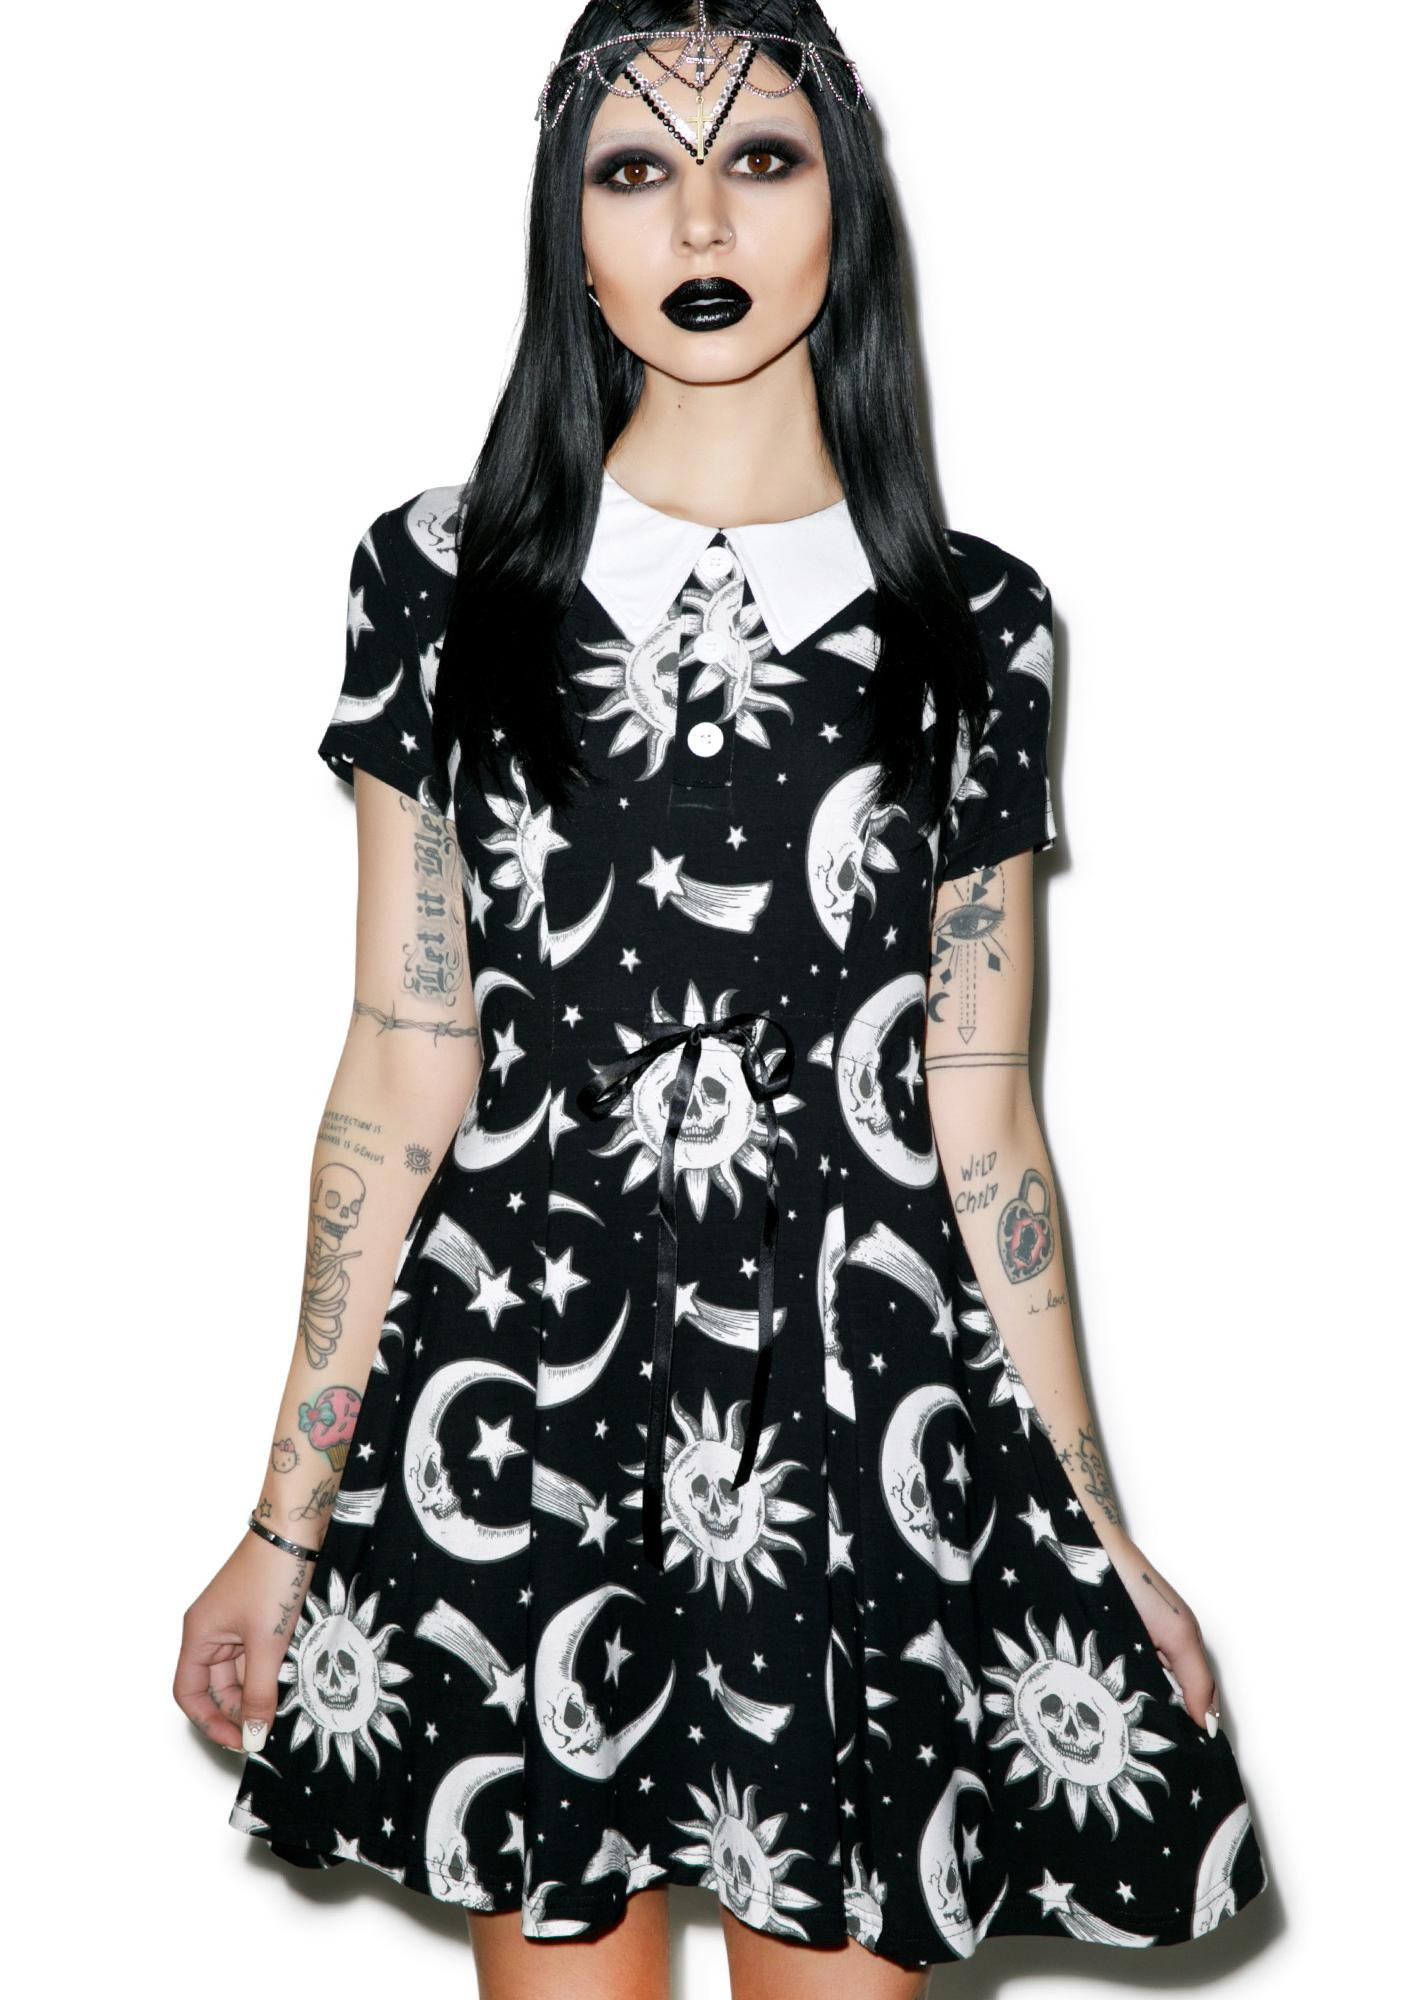 6c54b6f71b Killstar Cozmic Death Doll Dress